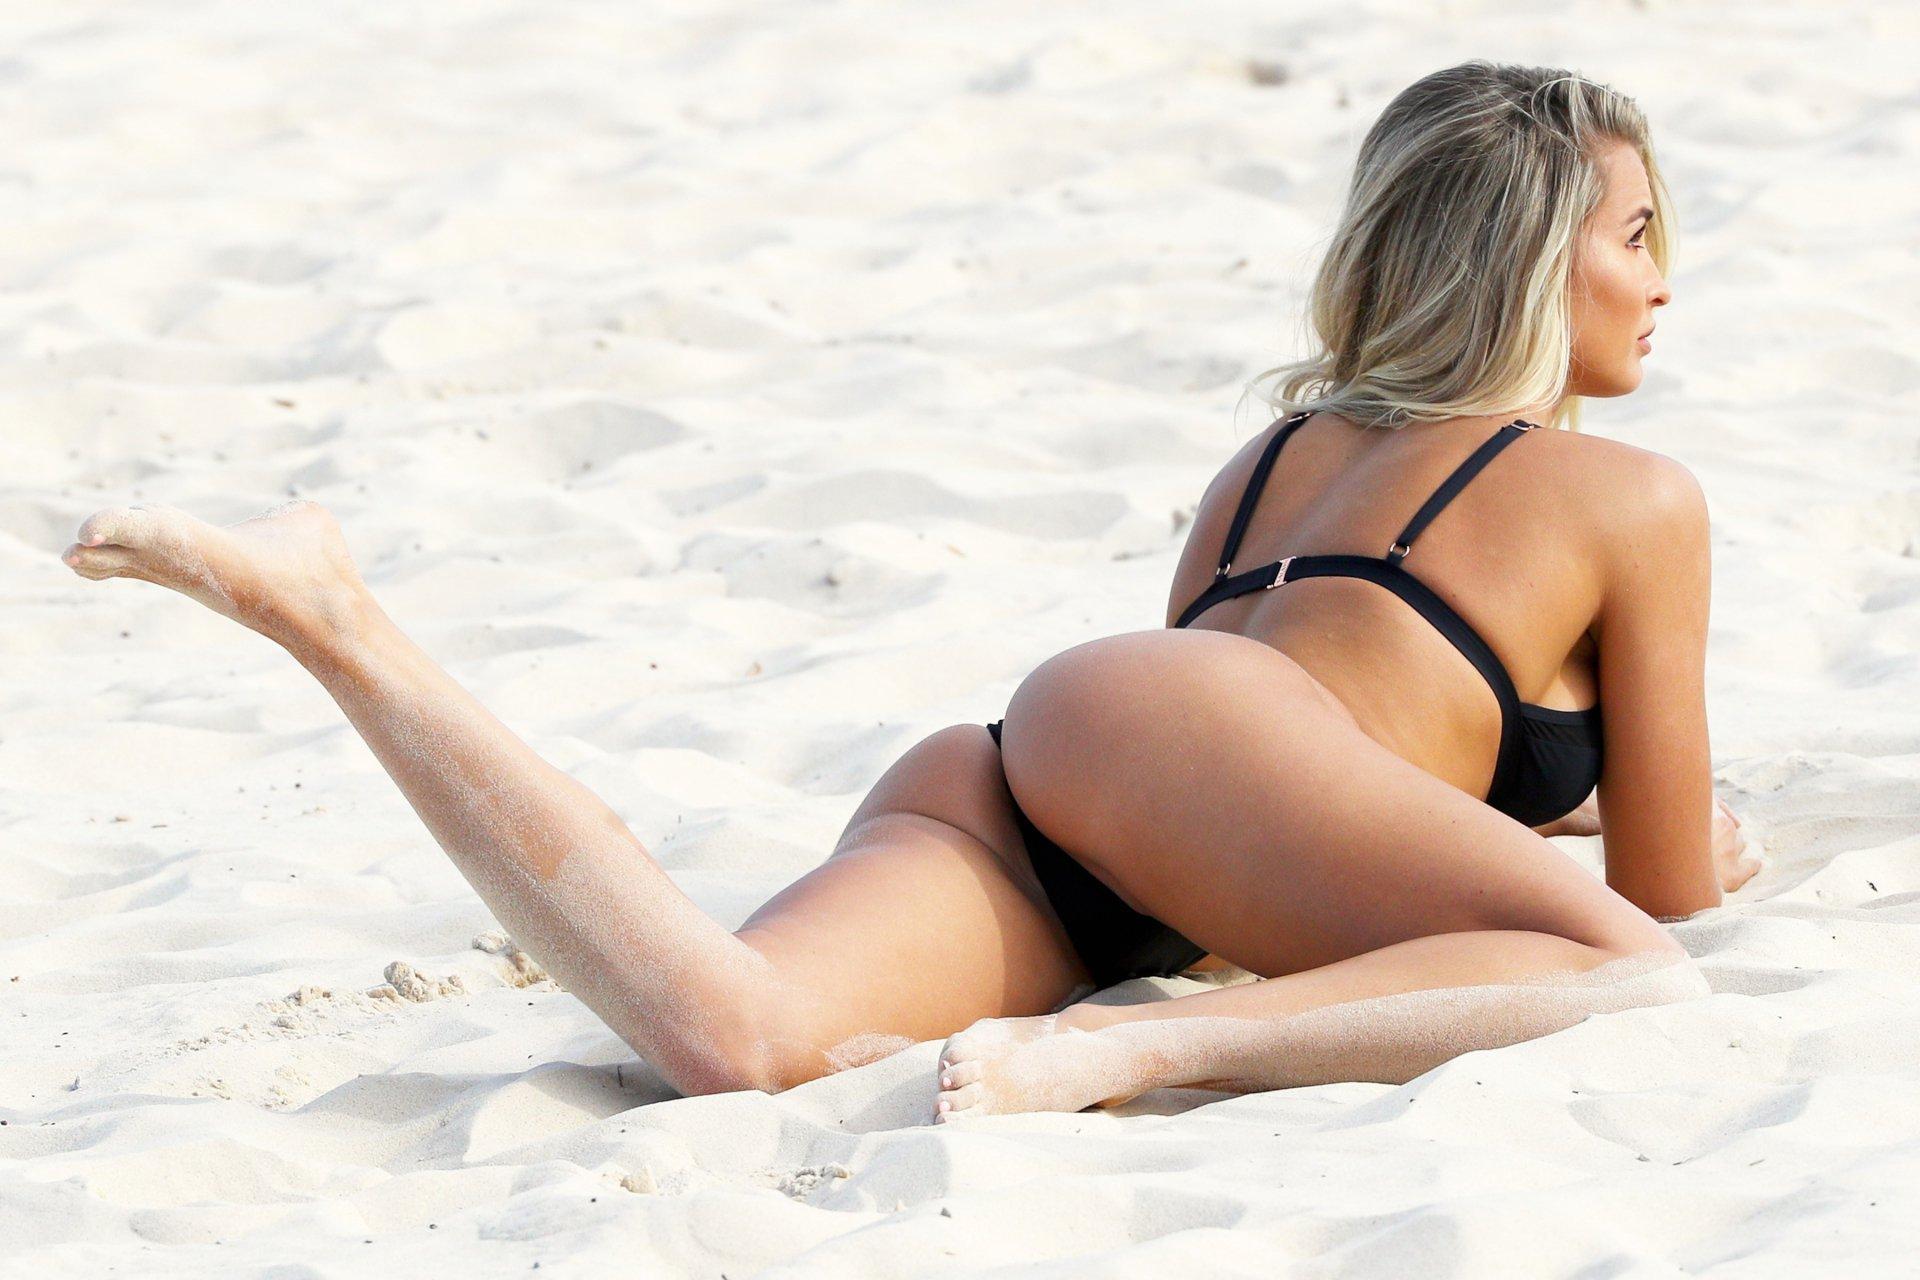 The Alexis garcia bikini looks